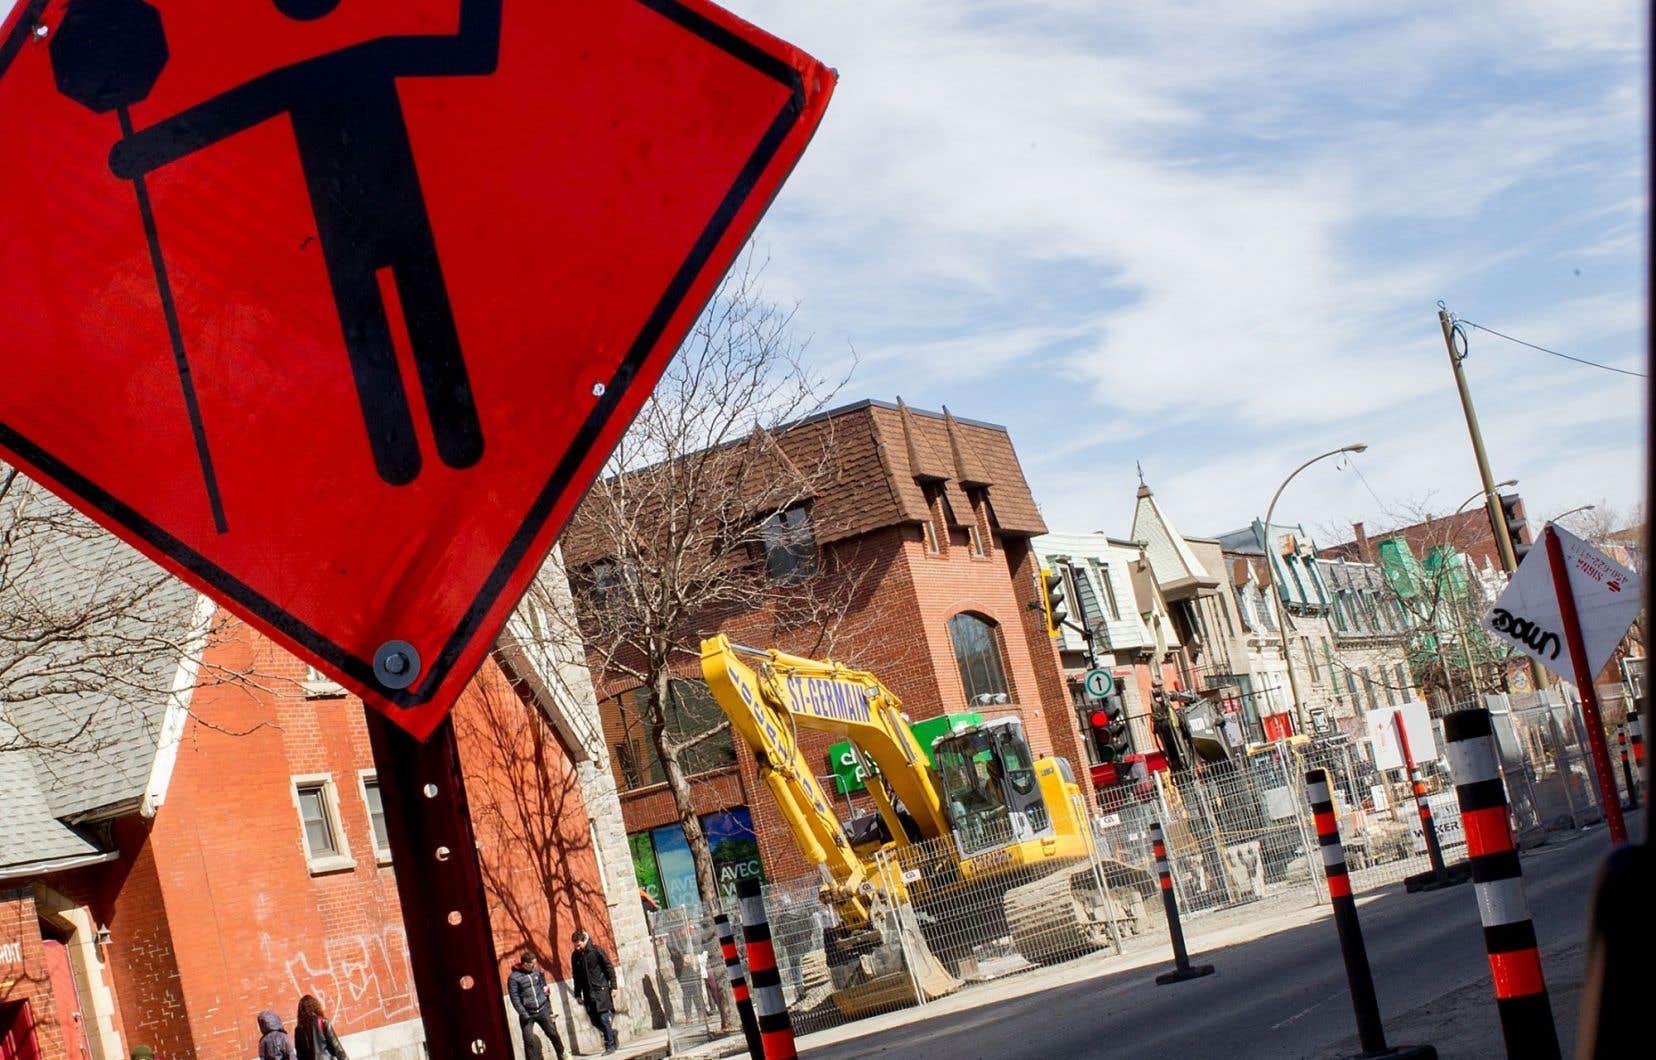 La réfection de la rue Saint-Denis a été exécutée avant qu'une vaste consultation publique sur l'avenir de l'artère soit menée.